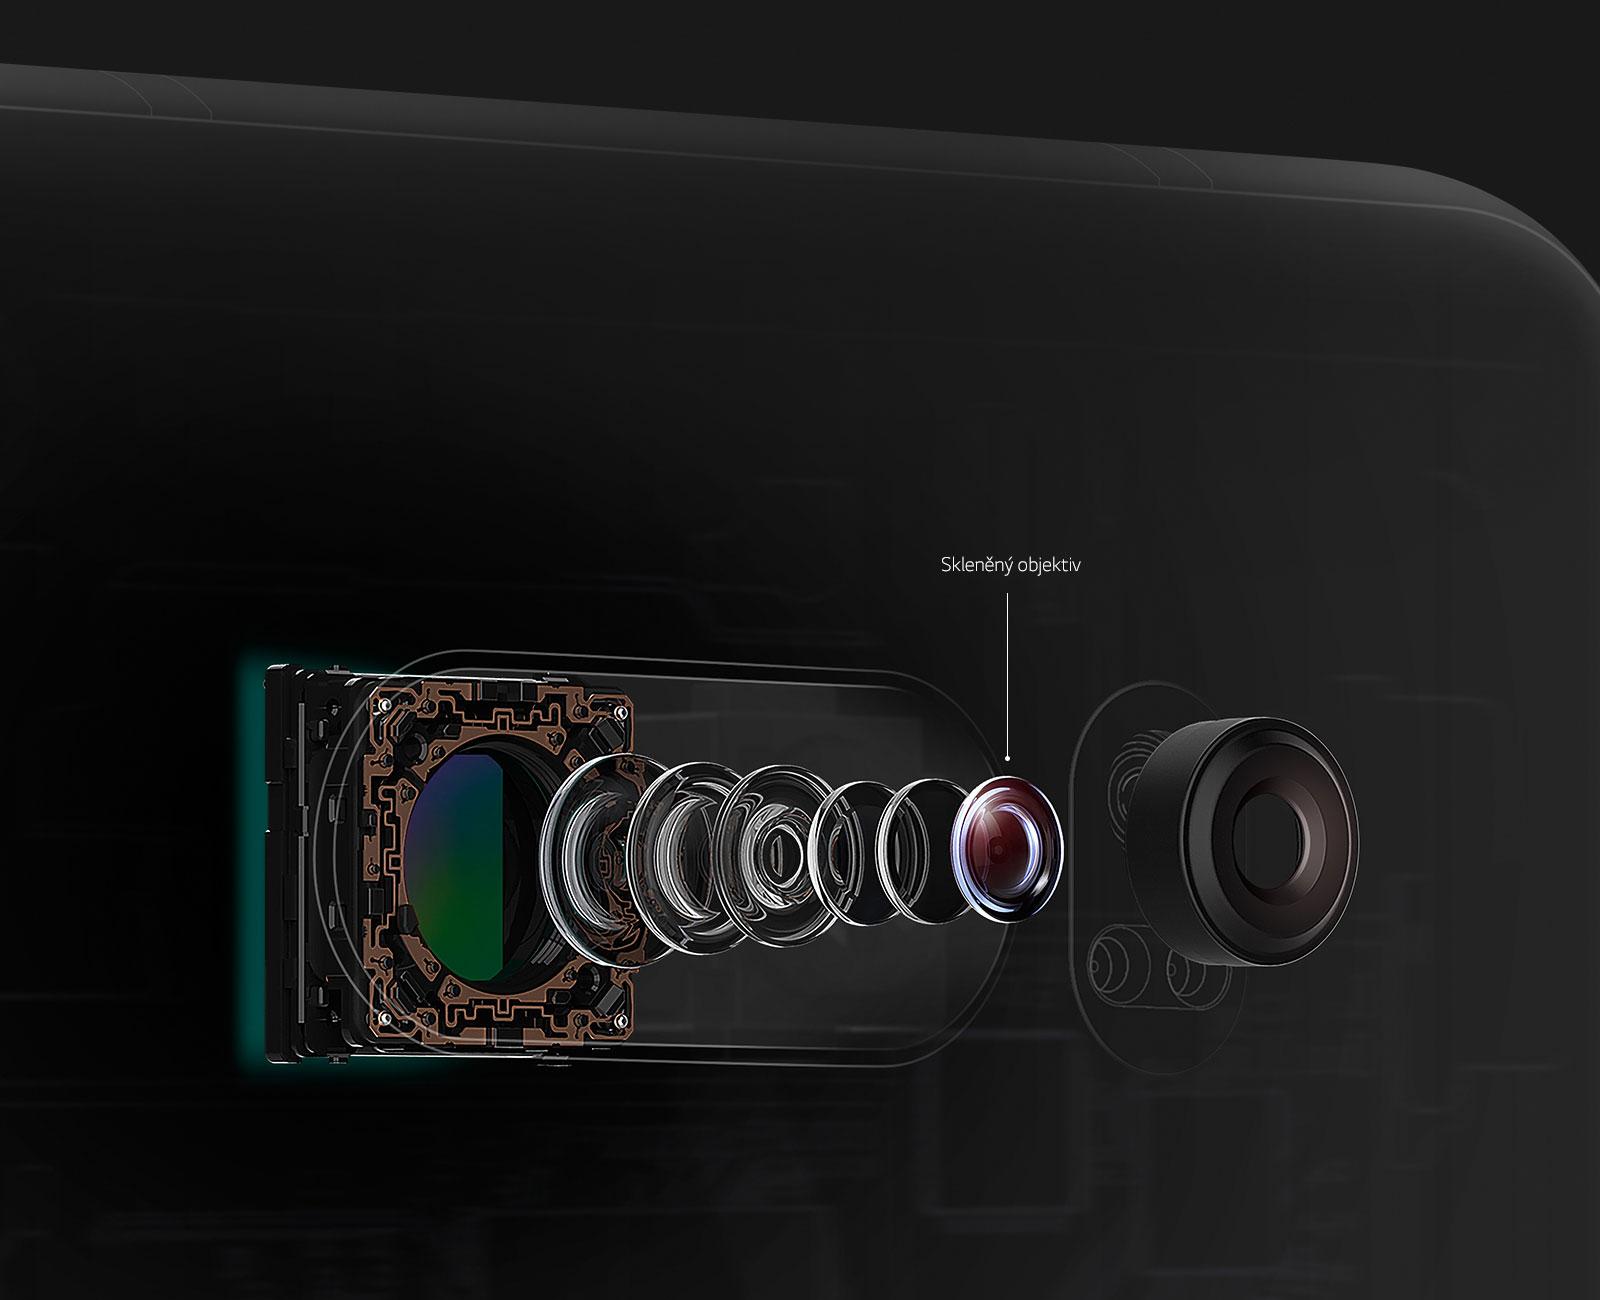 Světelnost objektivu f/1.6 byla nevídaná, dnes je to ovšem reality, vynikající fotky za všech světelných podmínek, to je LG V30